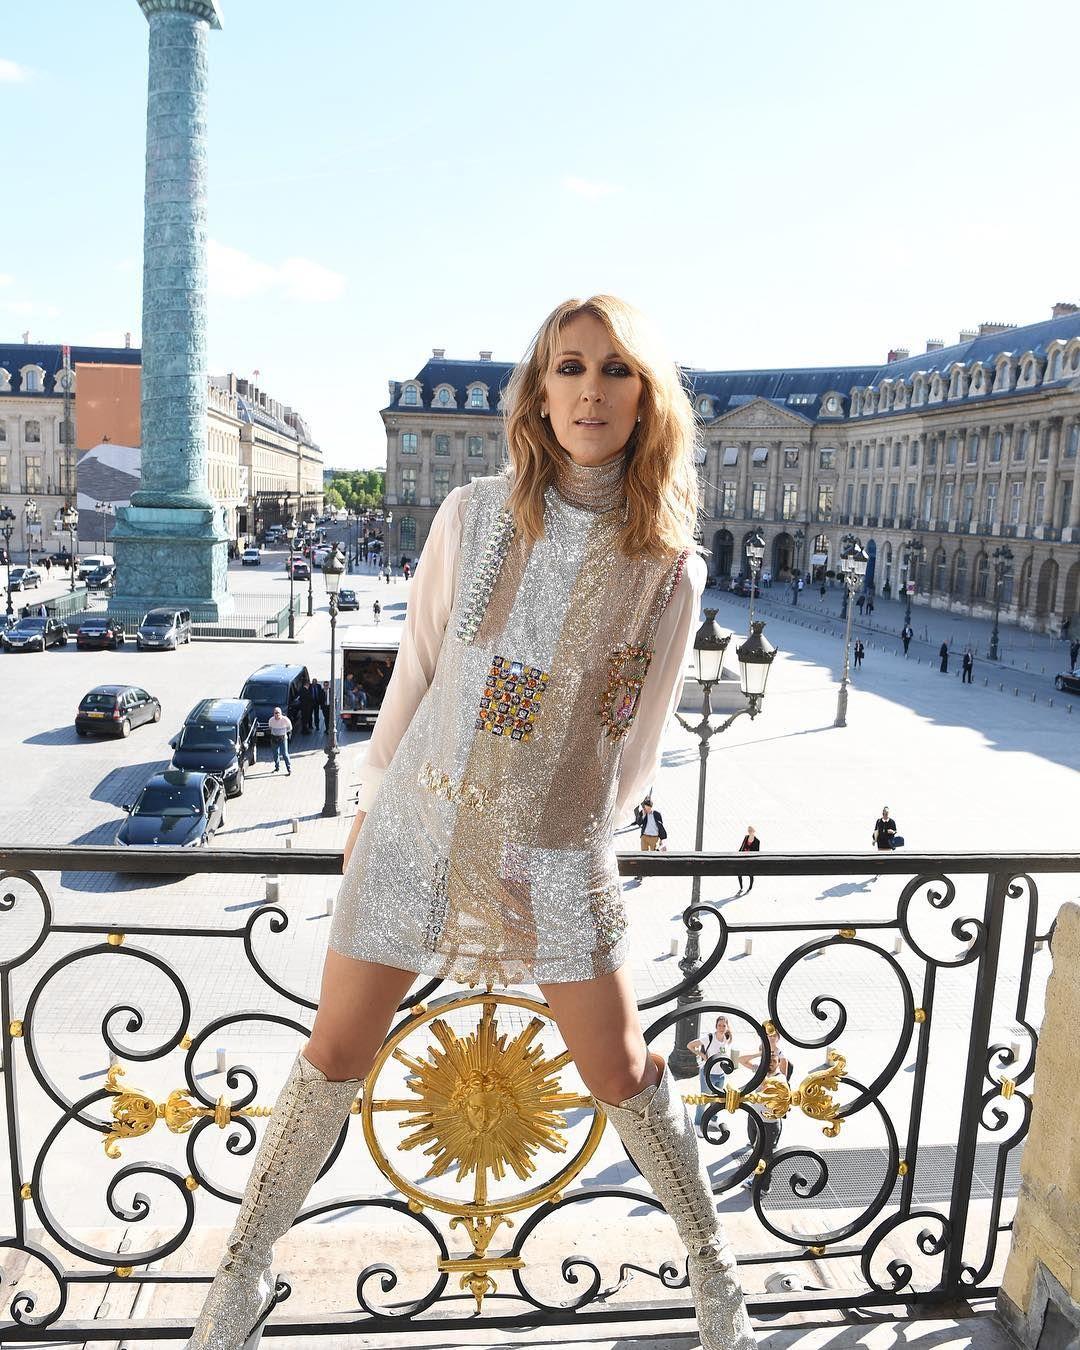 El desnudo de Céline Dion a los 49 años